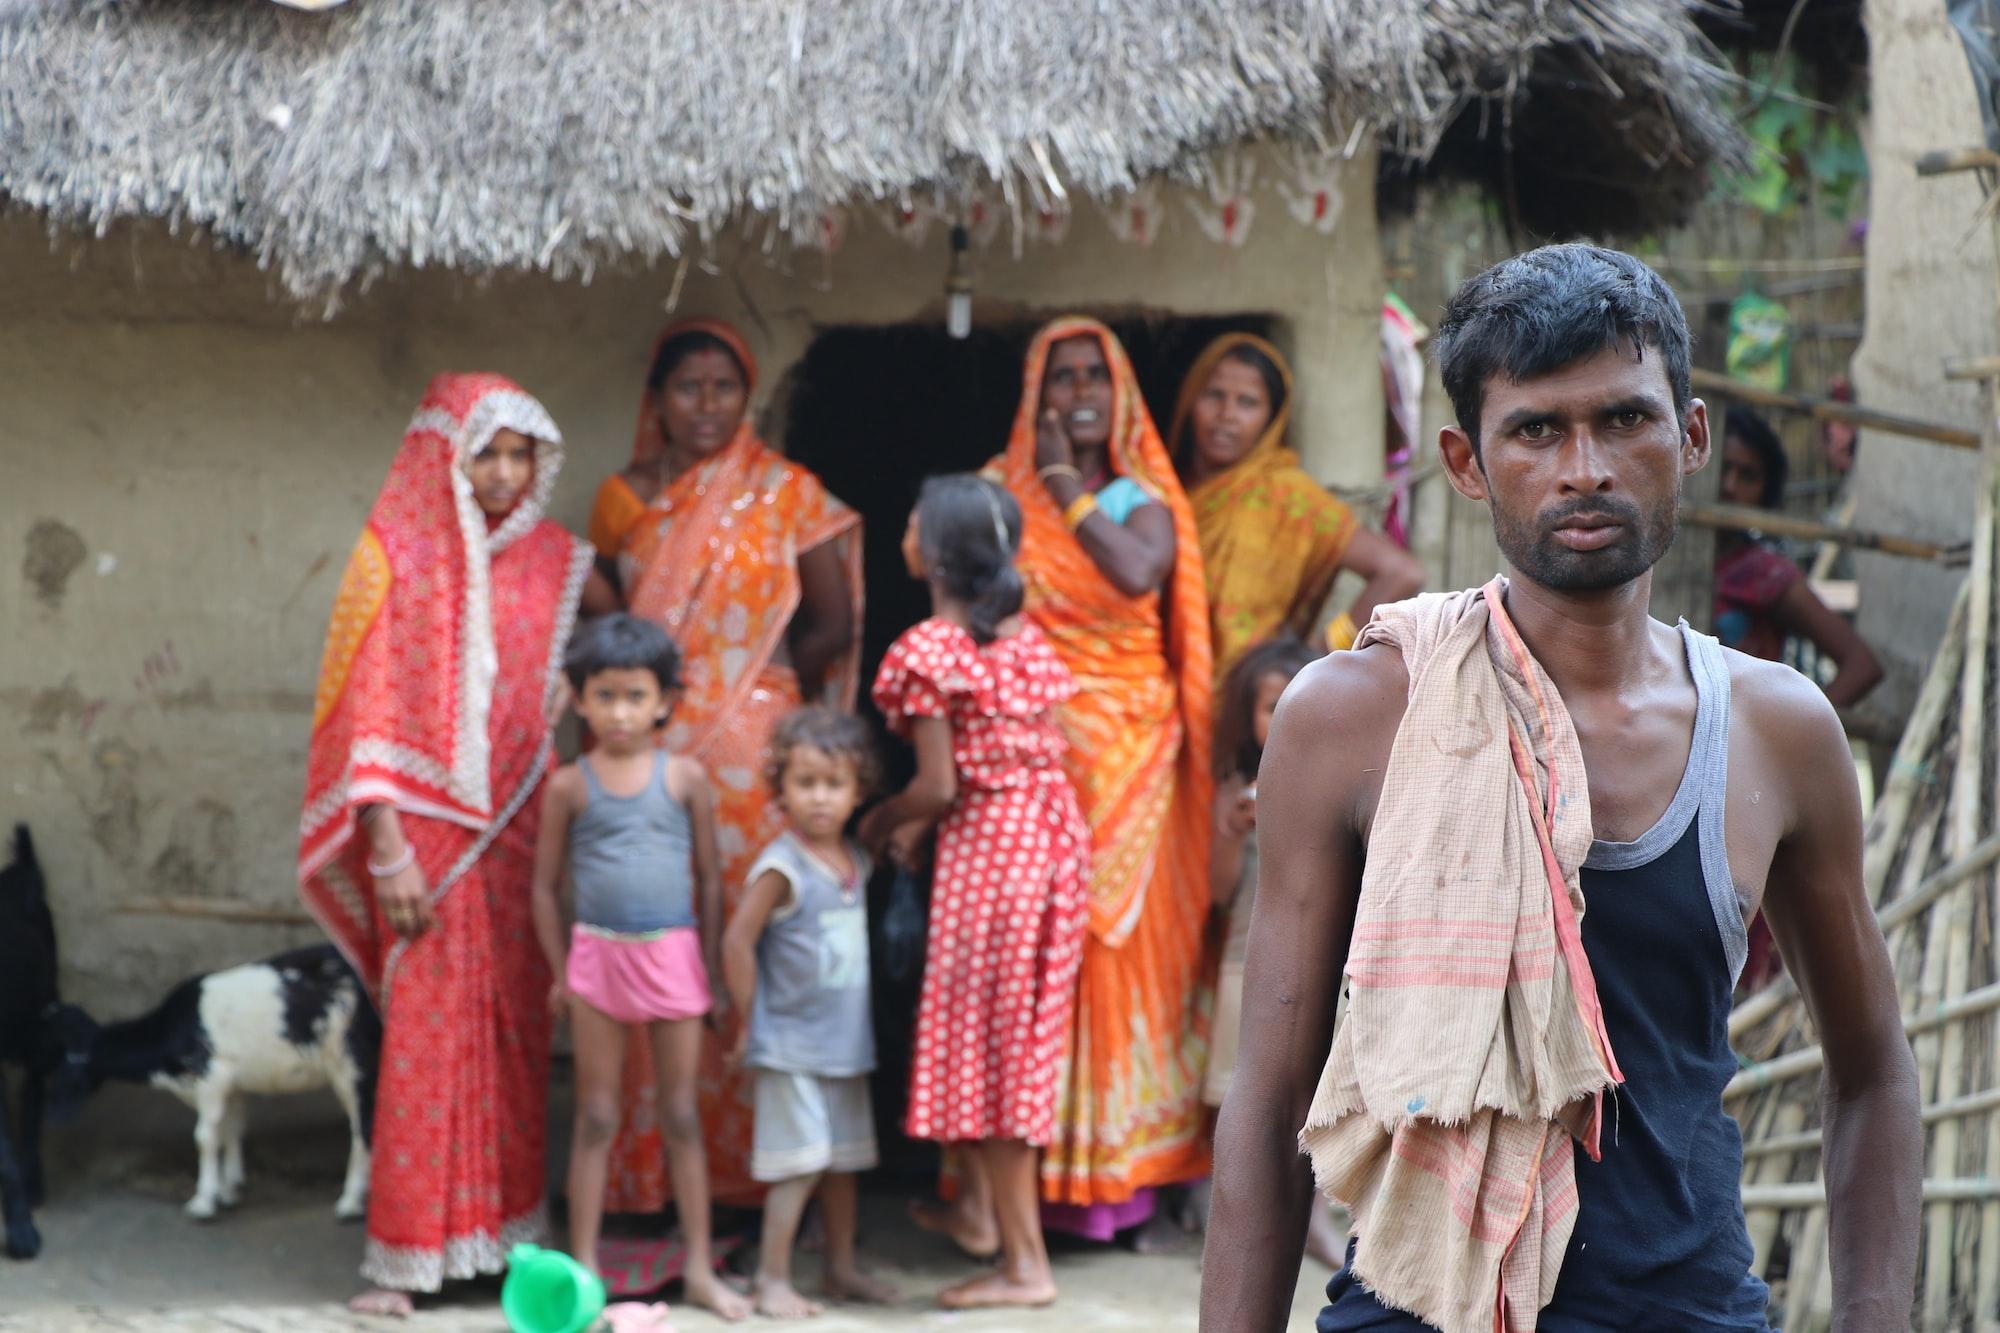 लॉकडाउन के कारण भारतीय महिलाओं को नहीं मिल पाया भरपेट व पोषक भोजन: स्टडी